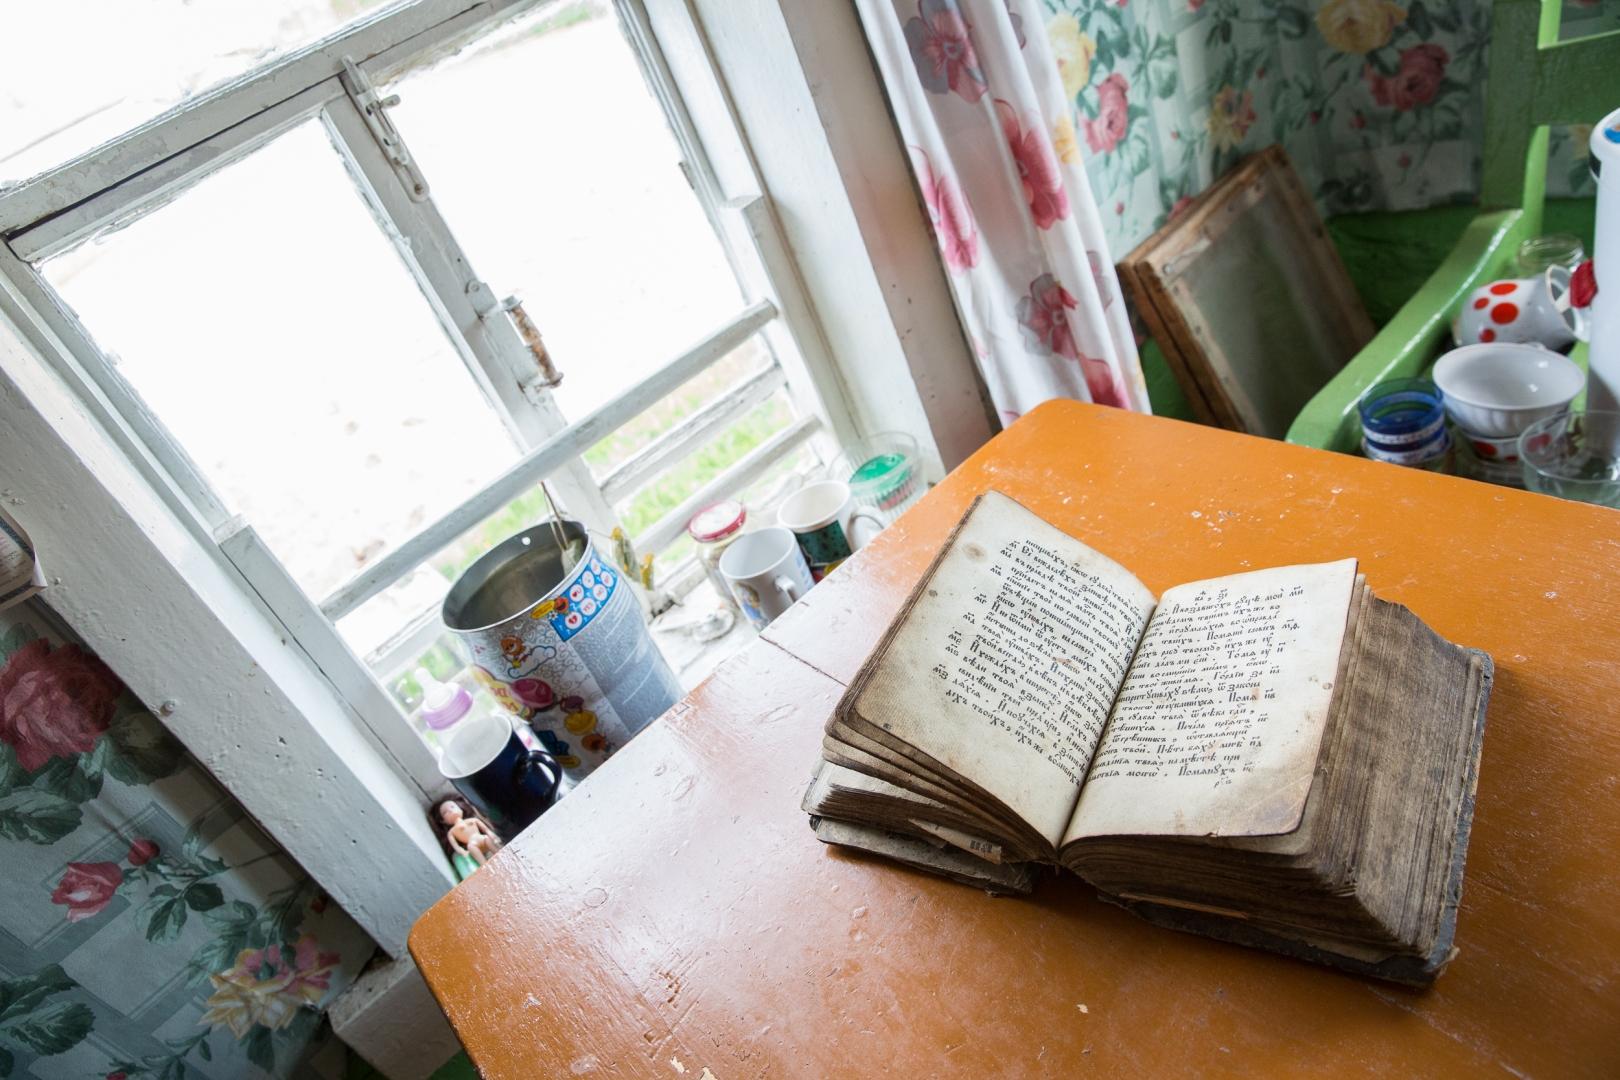 Псалтырь XIX века (возможно, и старше), написанный вручную. Этот псалтырь читали в старообрядческой общине в течение многих лет